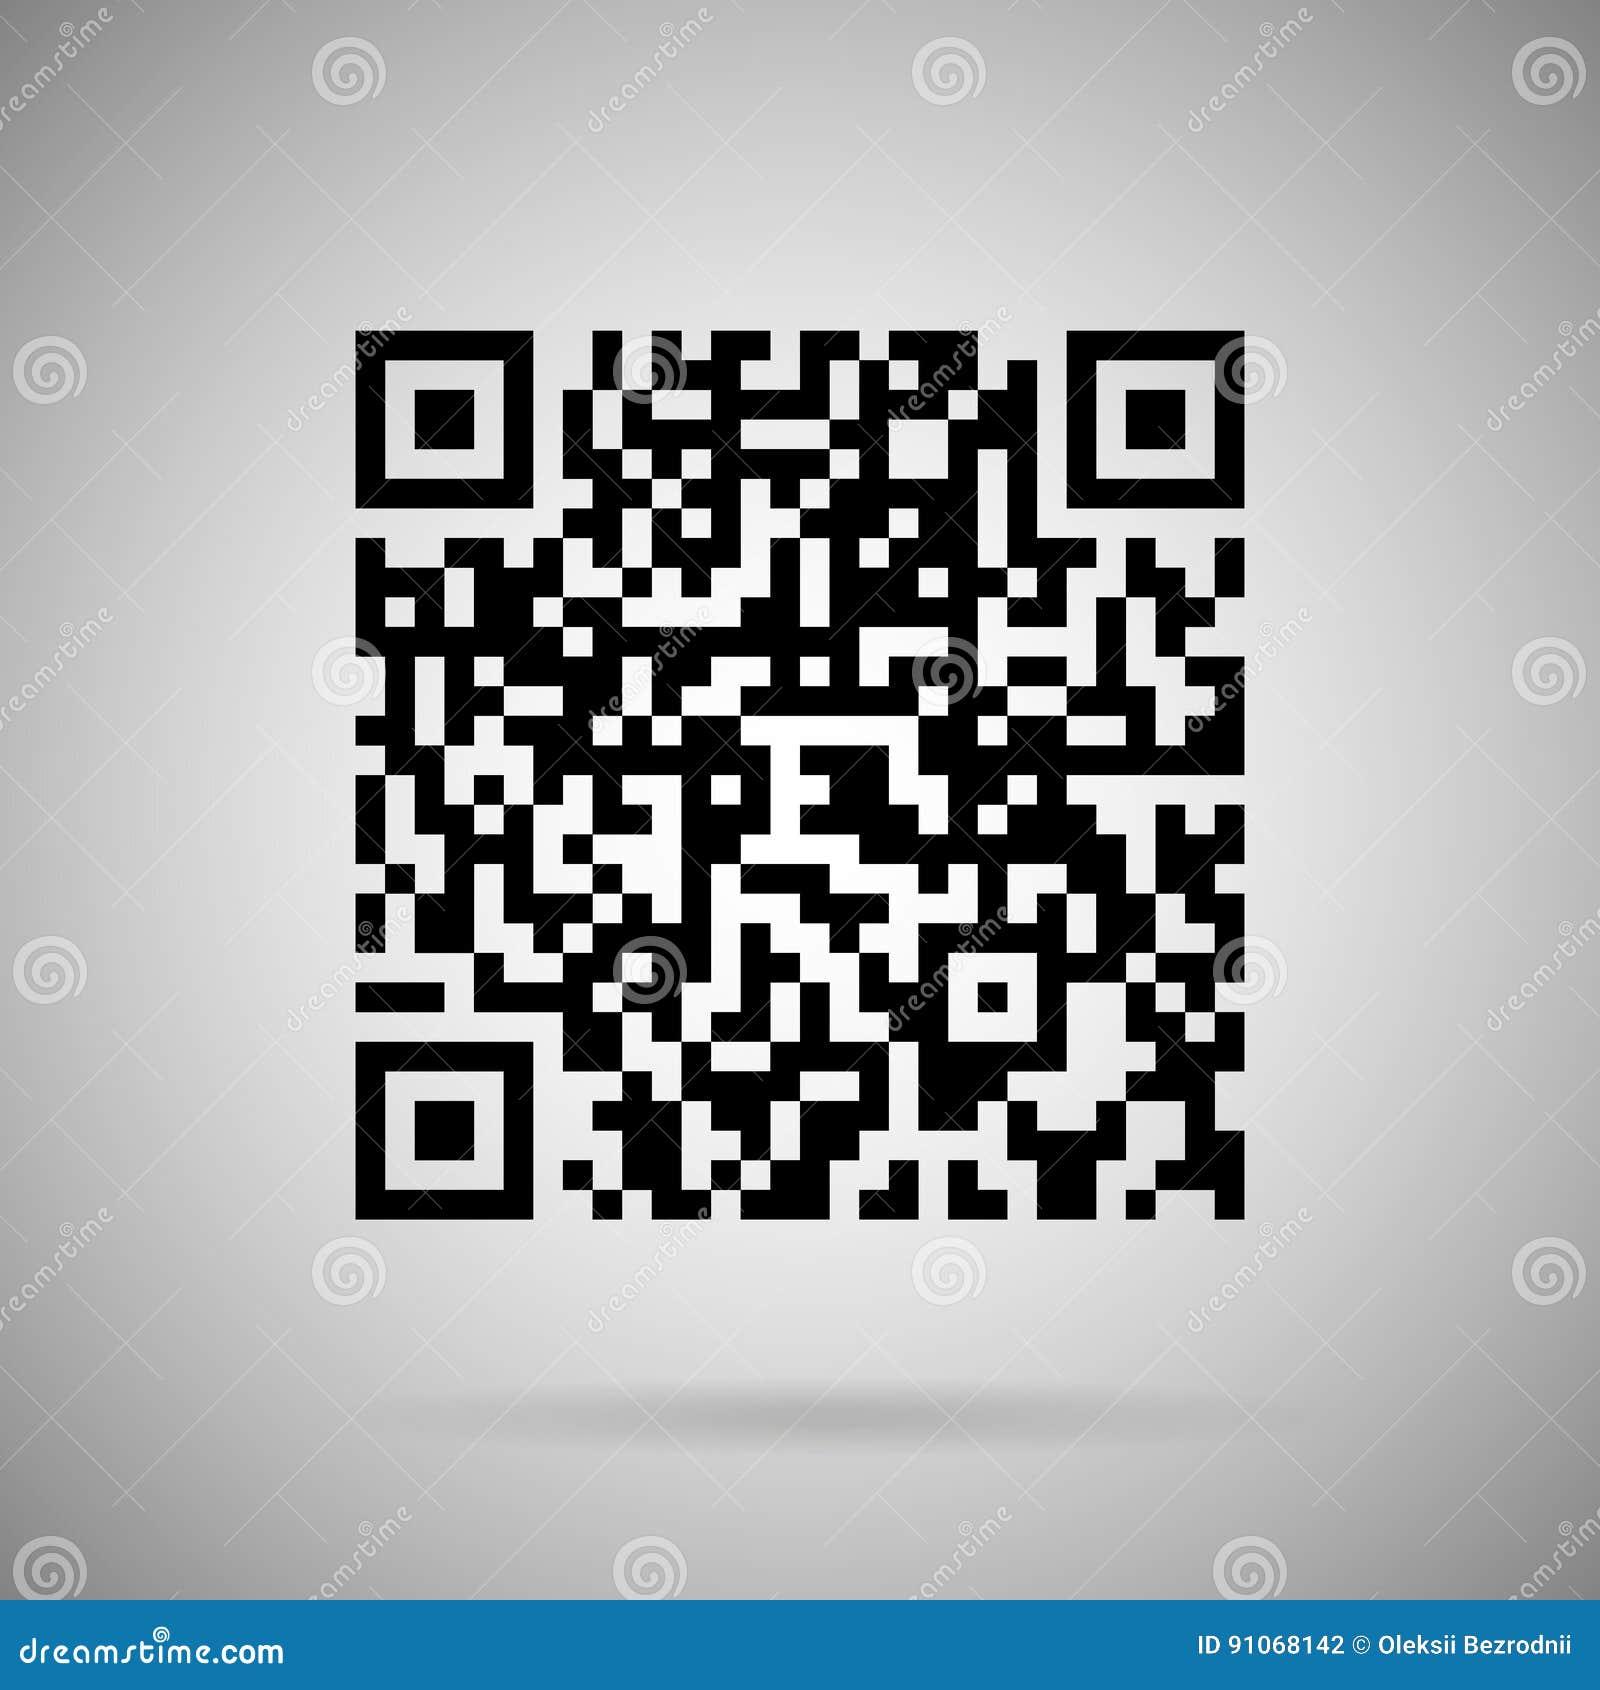 Obrazu cyfrowego kodu wektor